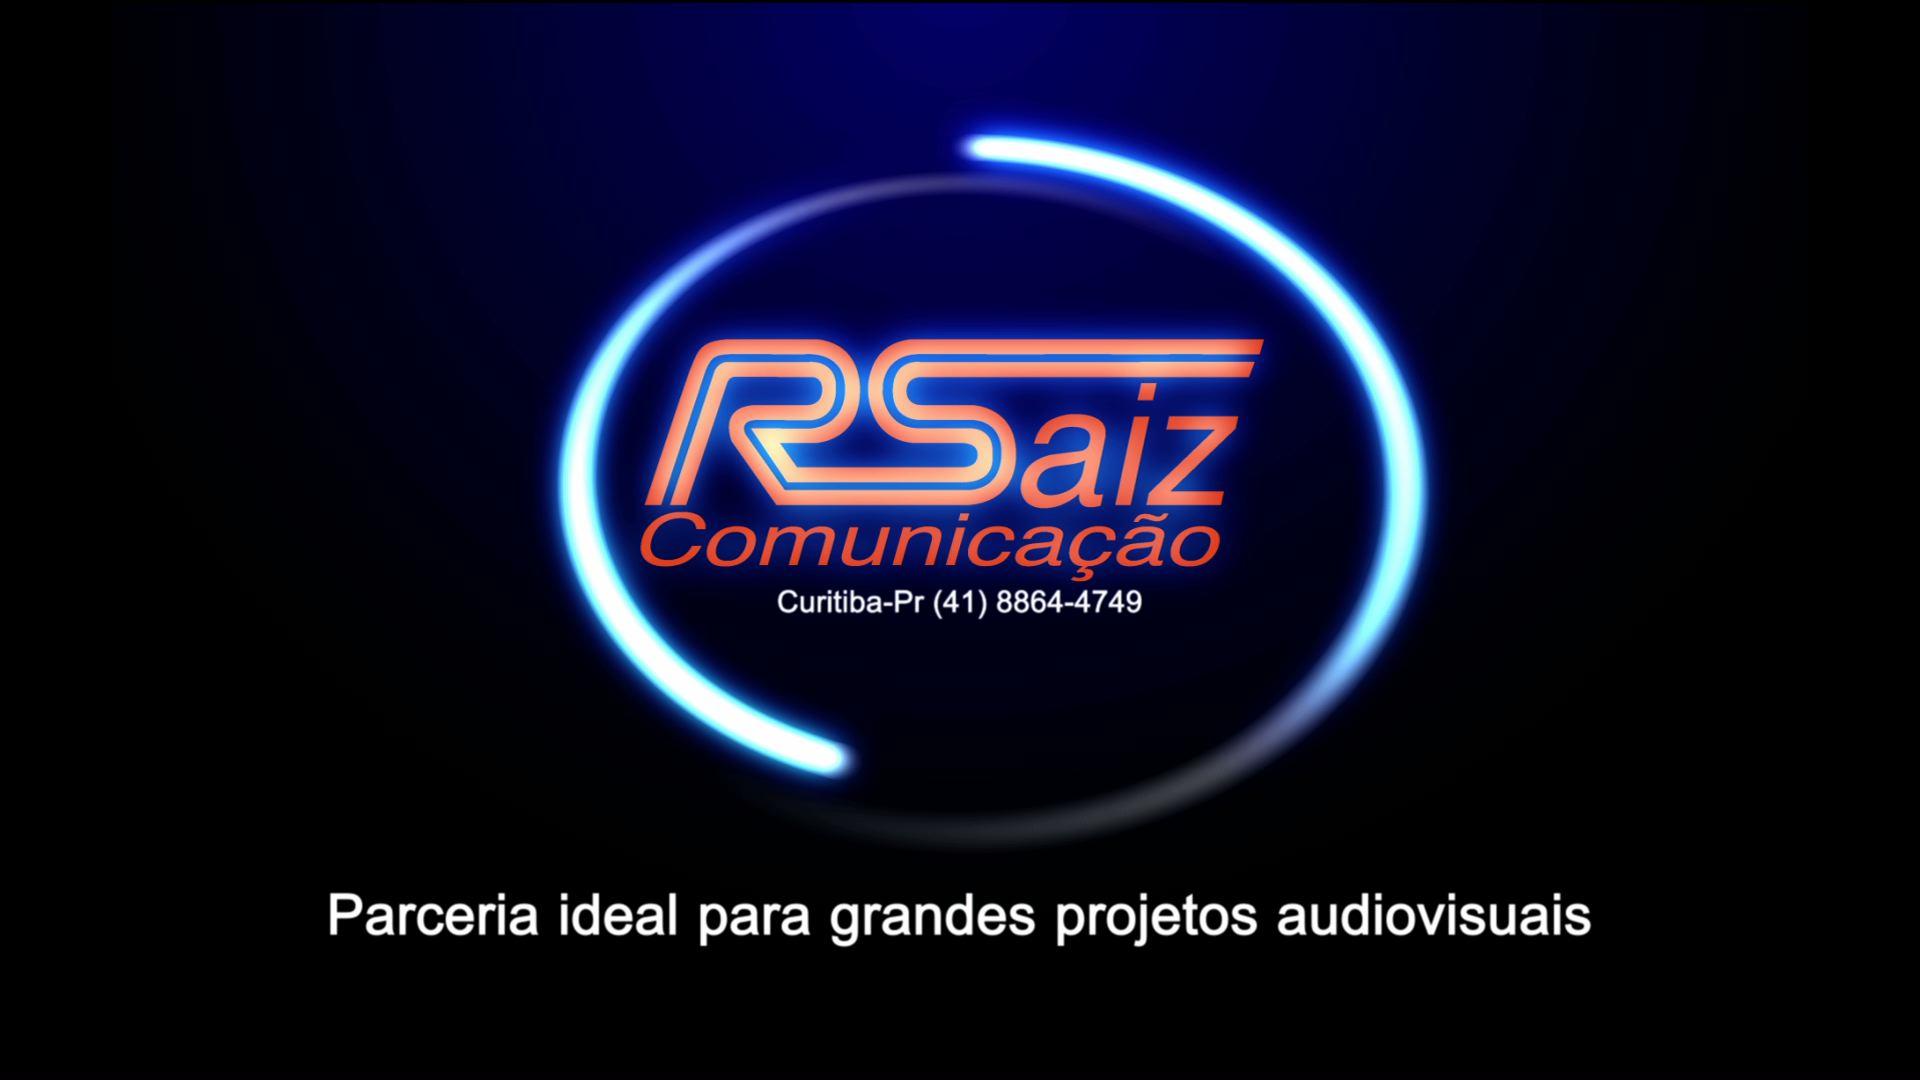 R. SAIZ Comunicação